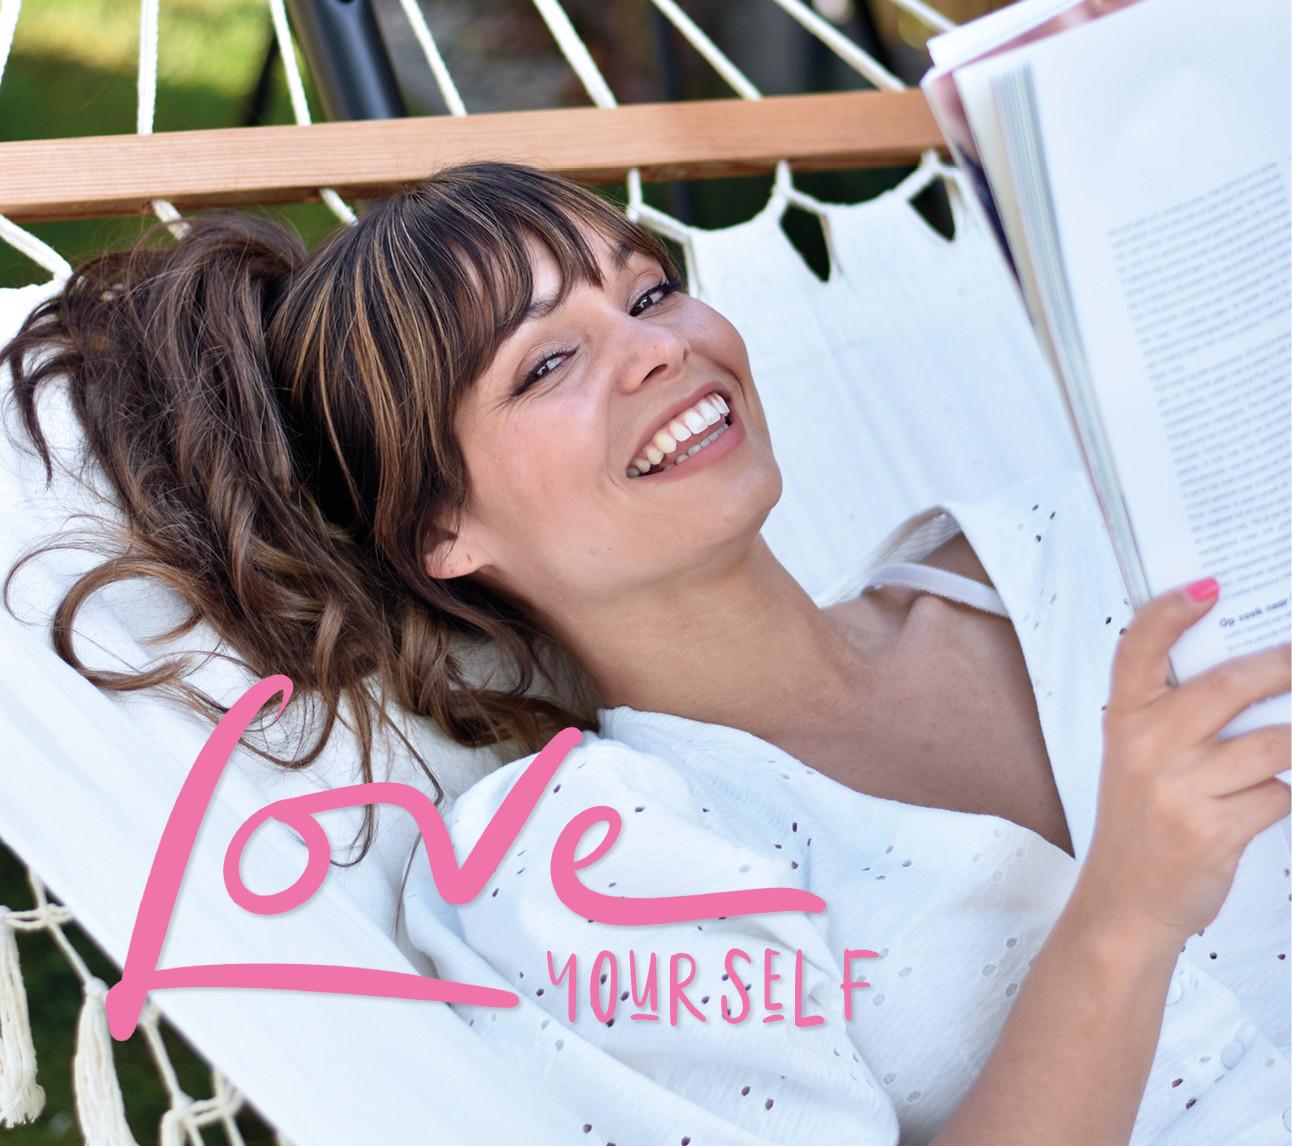 kiki lachend in een hangmat een tijdschrift aan het lezen